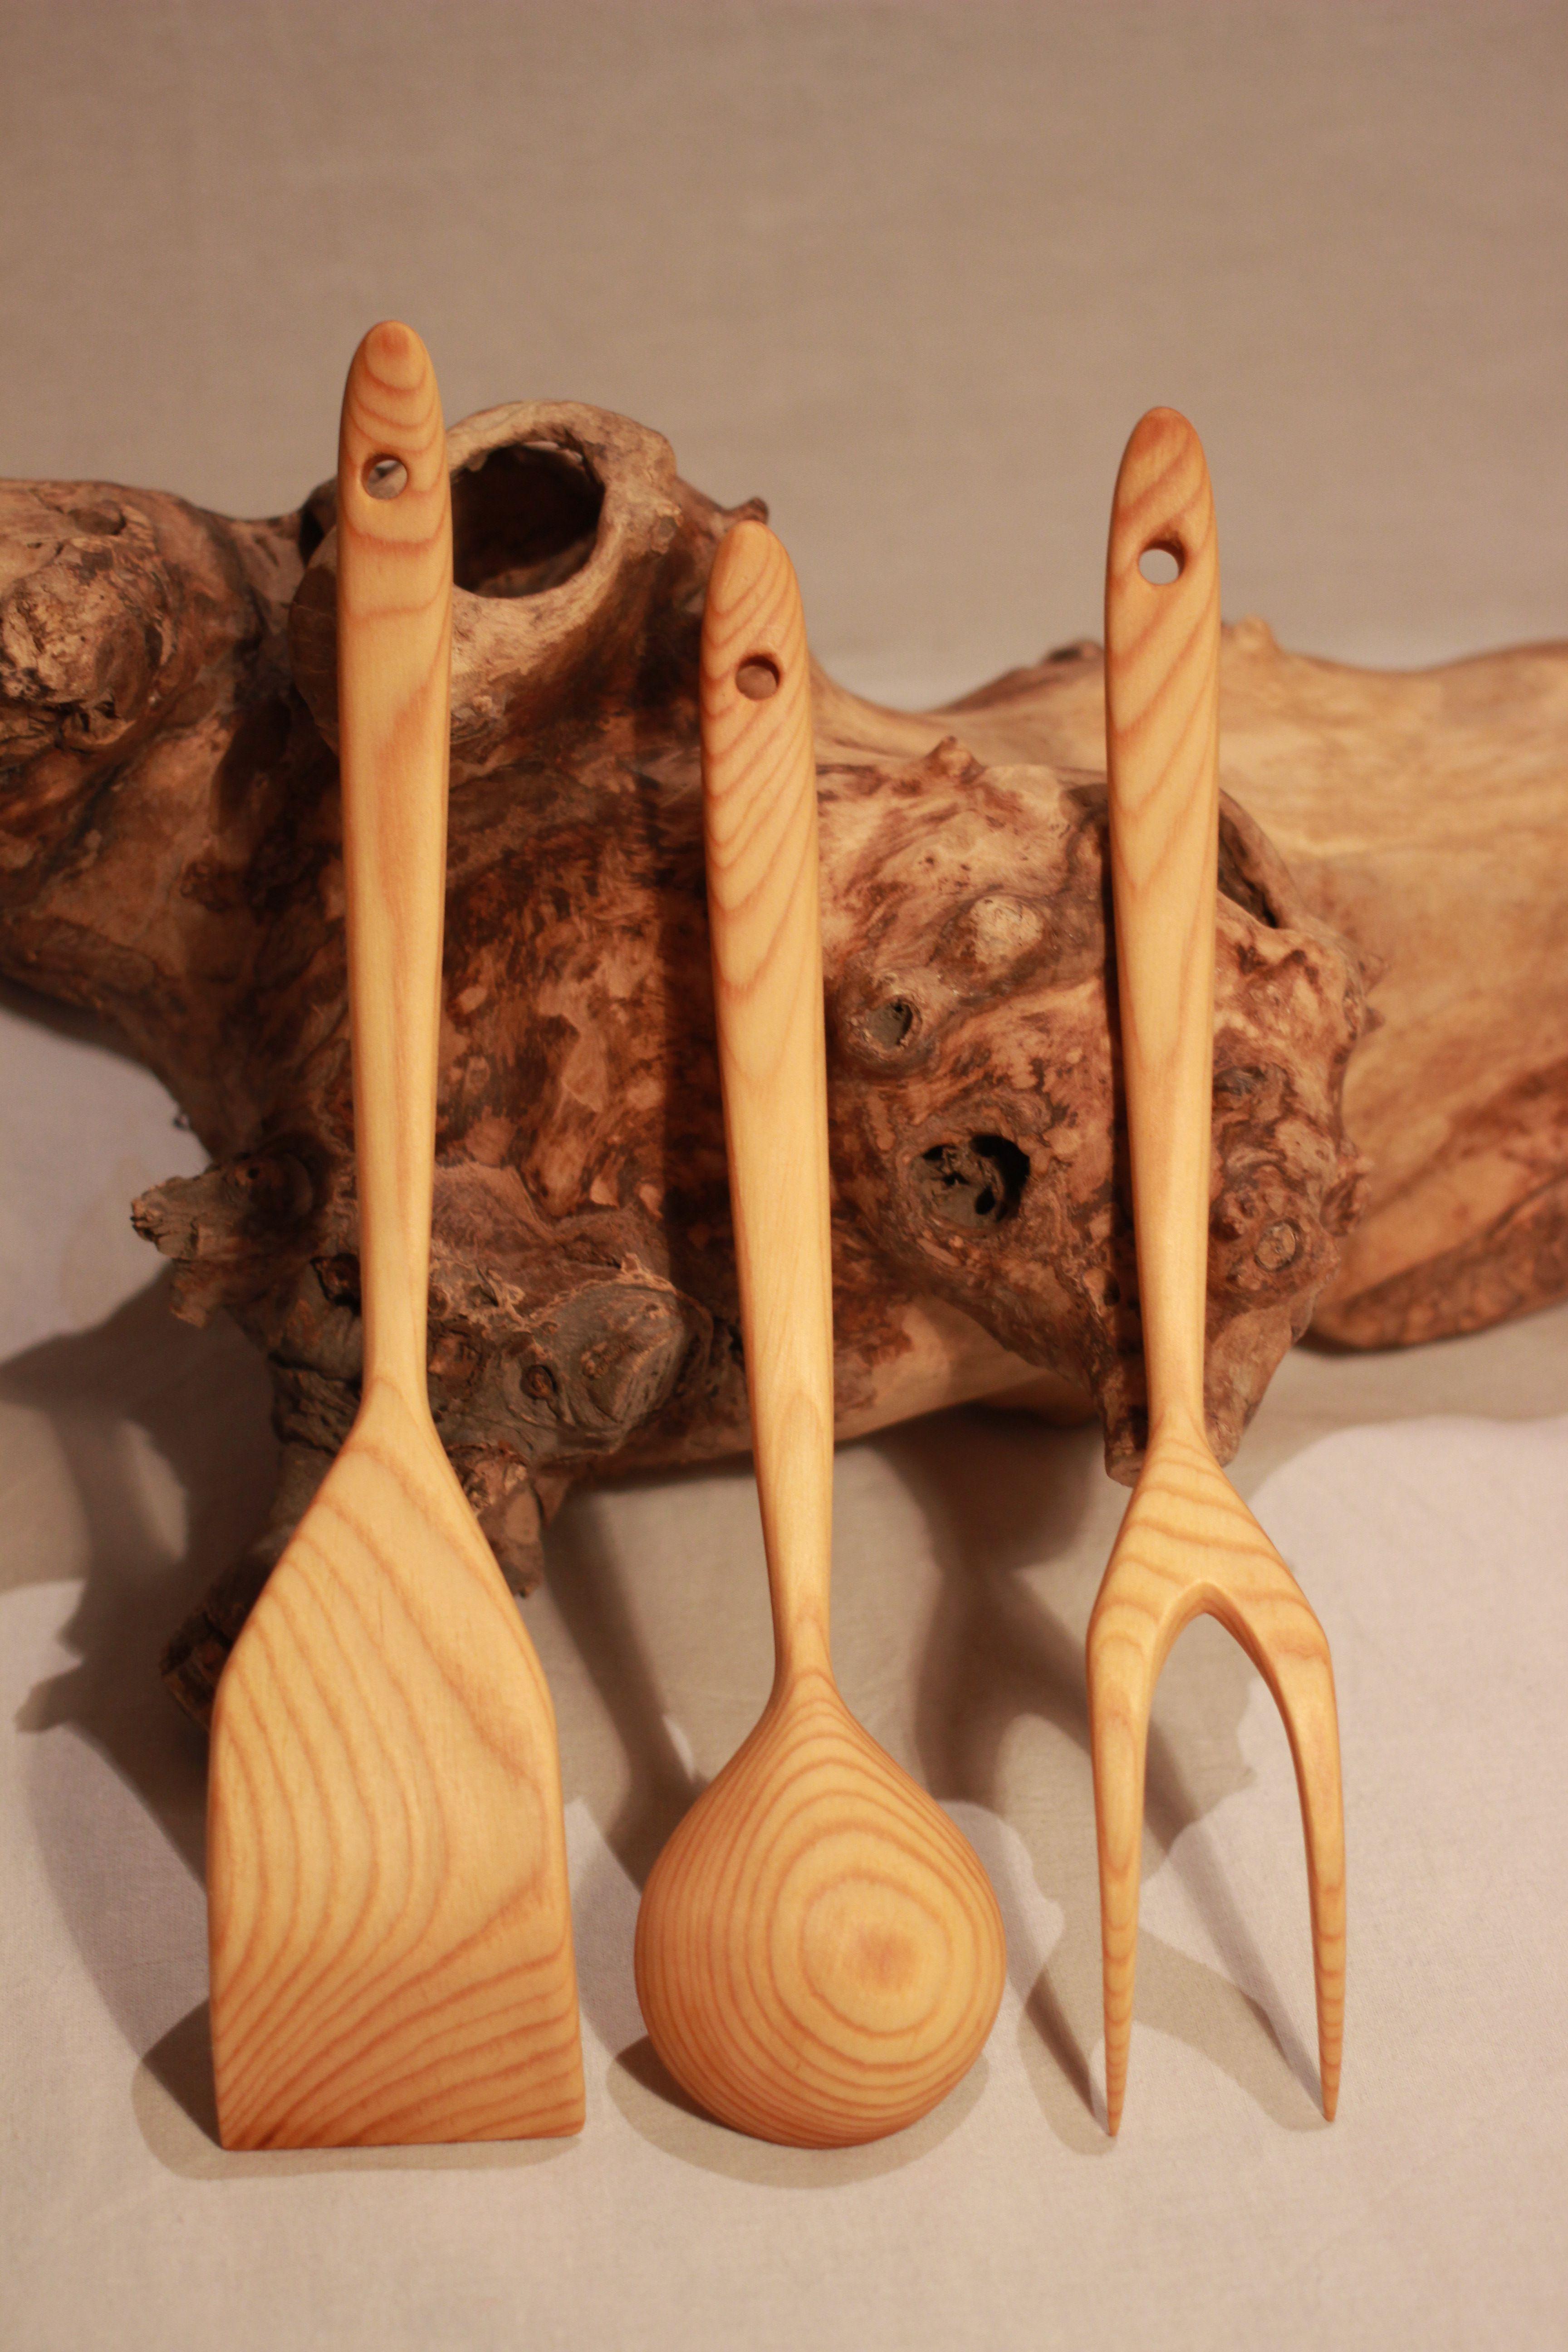 кухонная ложкидеревокухонная утварьдля кухниложки деревянныерезьба деревукухняподарокподарок хозяйкедеревянная посудадеревянная утварьпосуда деревадеревяннаявилкадеревяннаялопатканабордеревянныйнаборкухонный по из